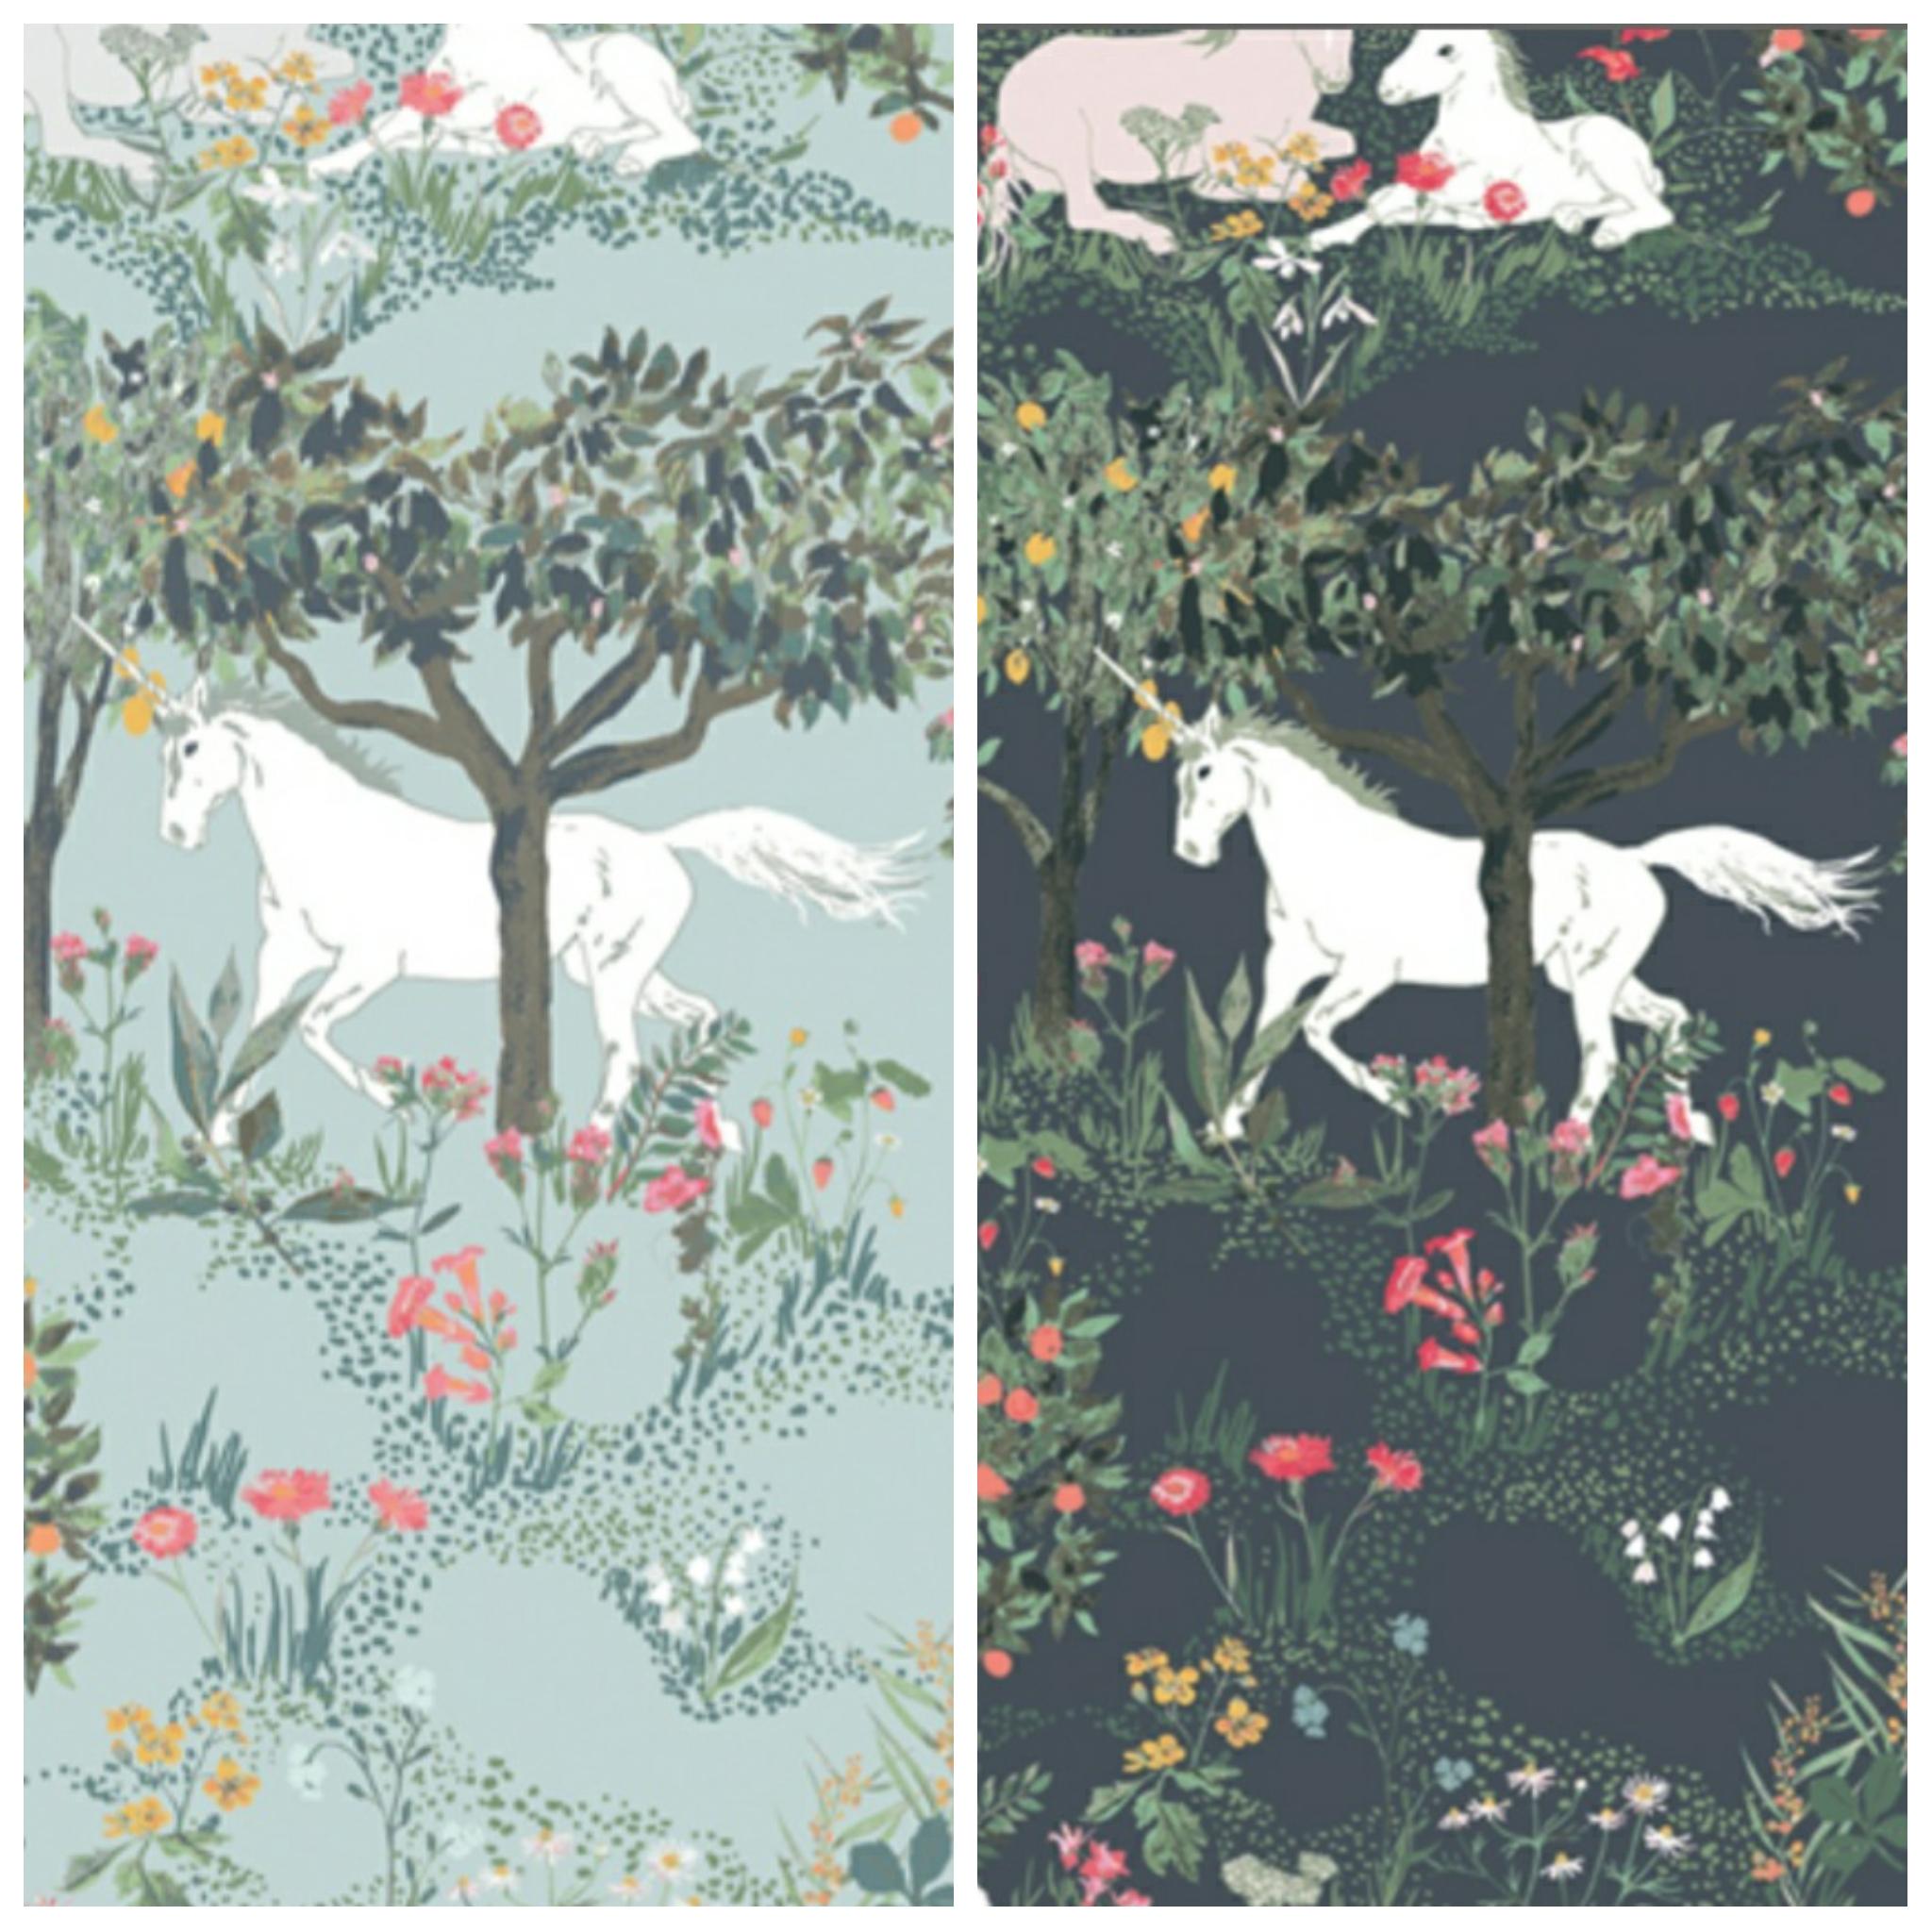 Picturesque Designed Art Gallery Fabrics